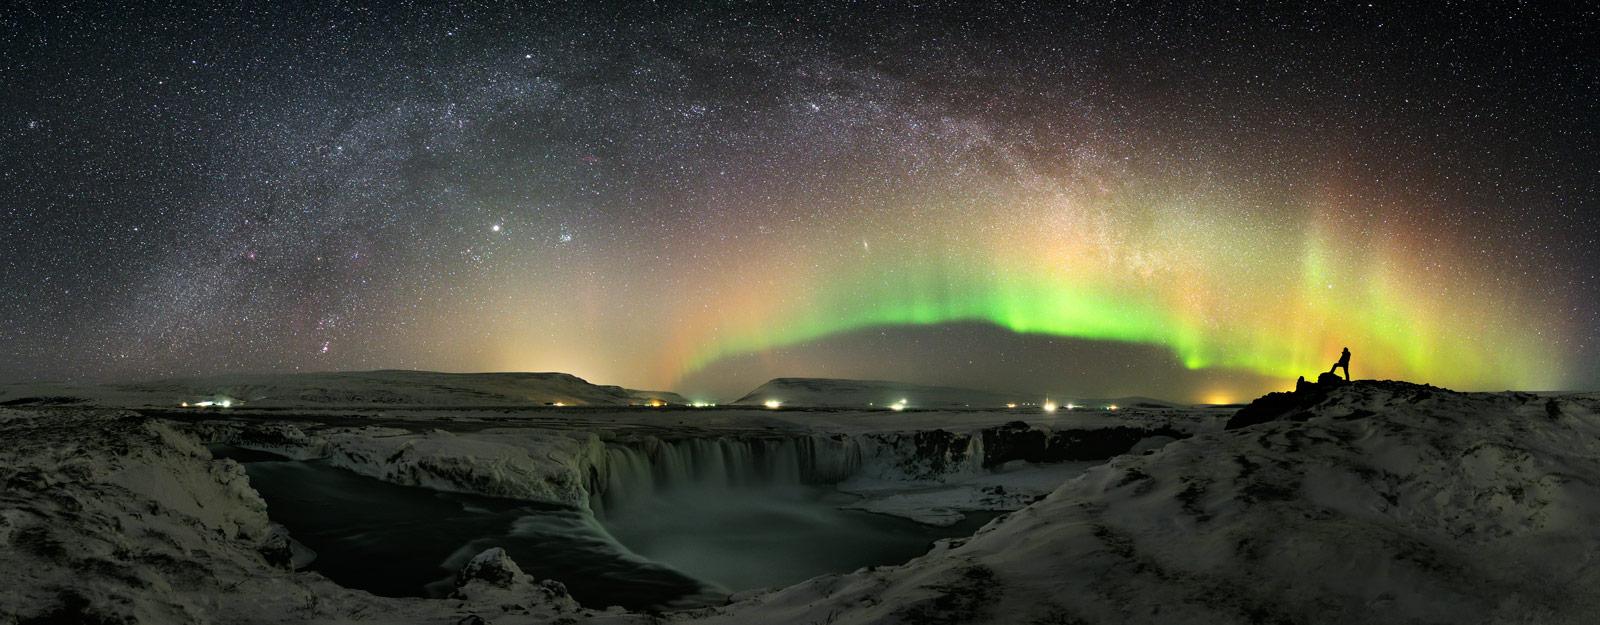 La cascada y el mundo de noche